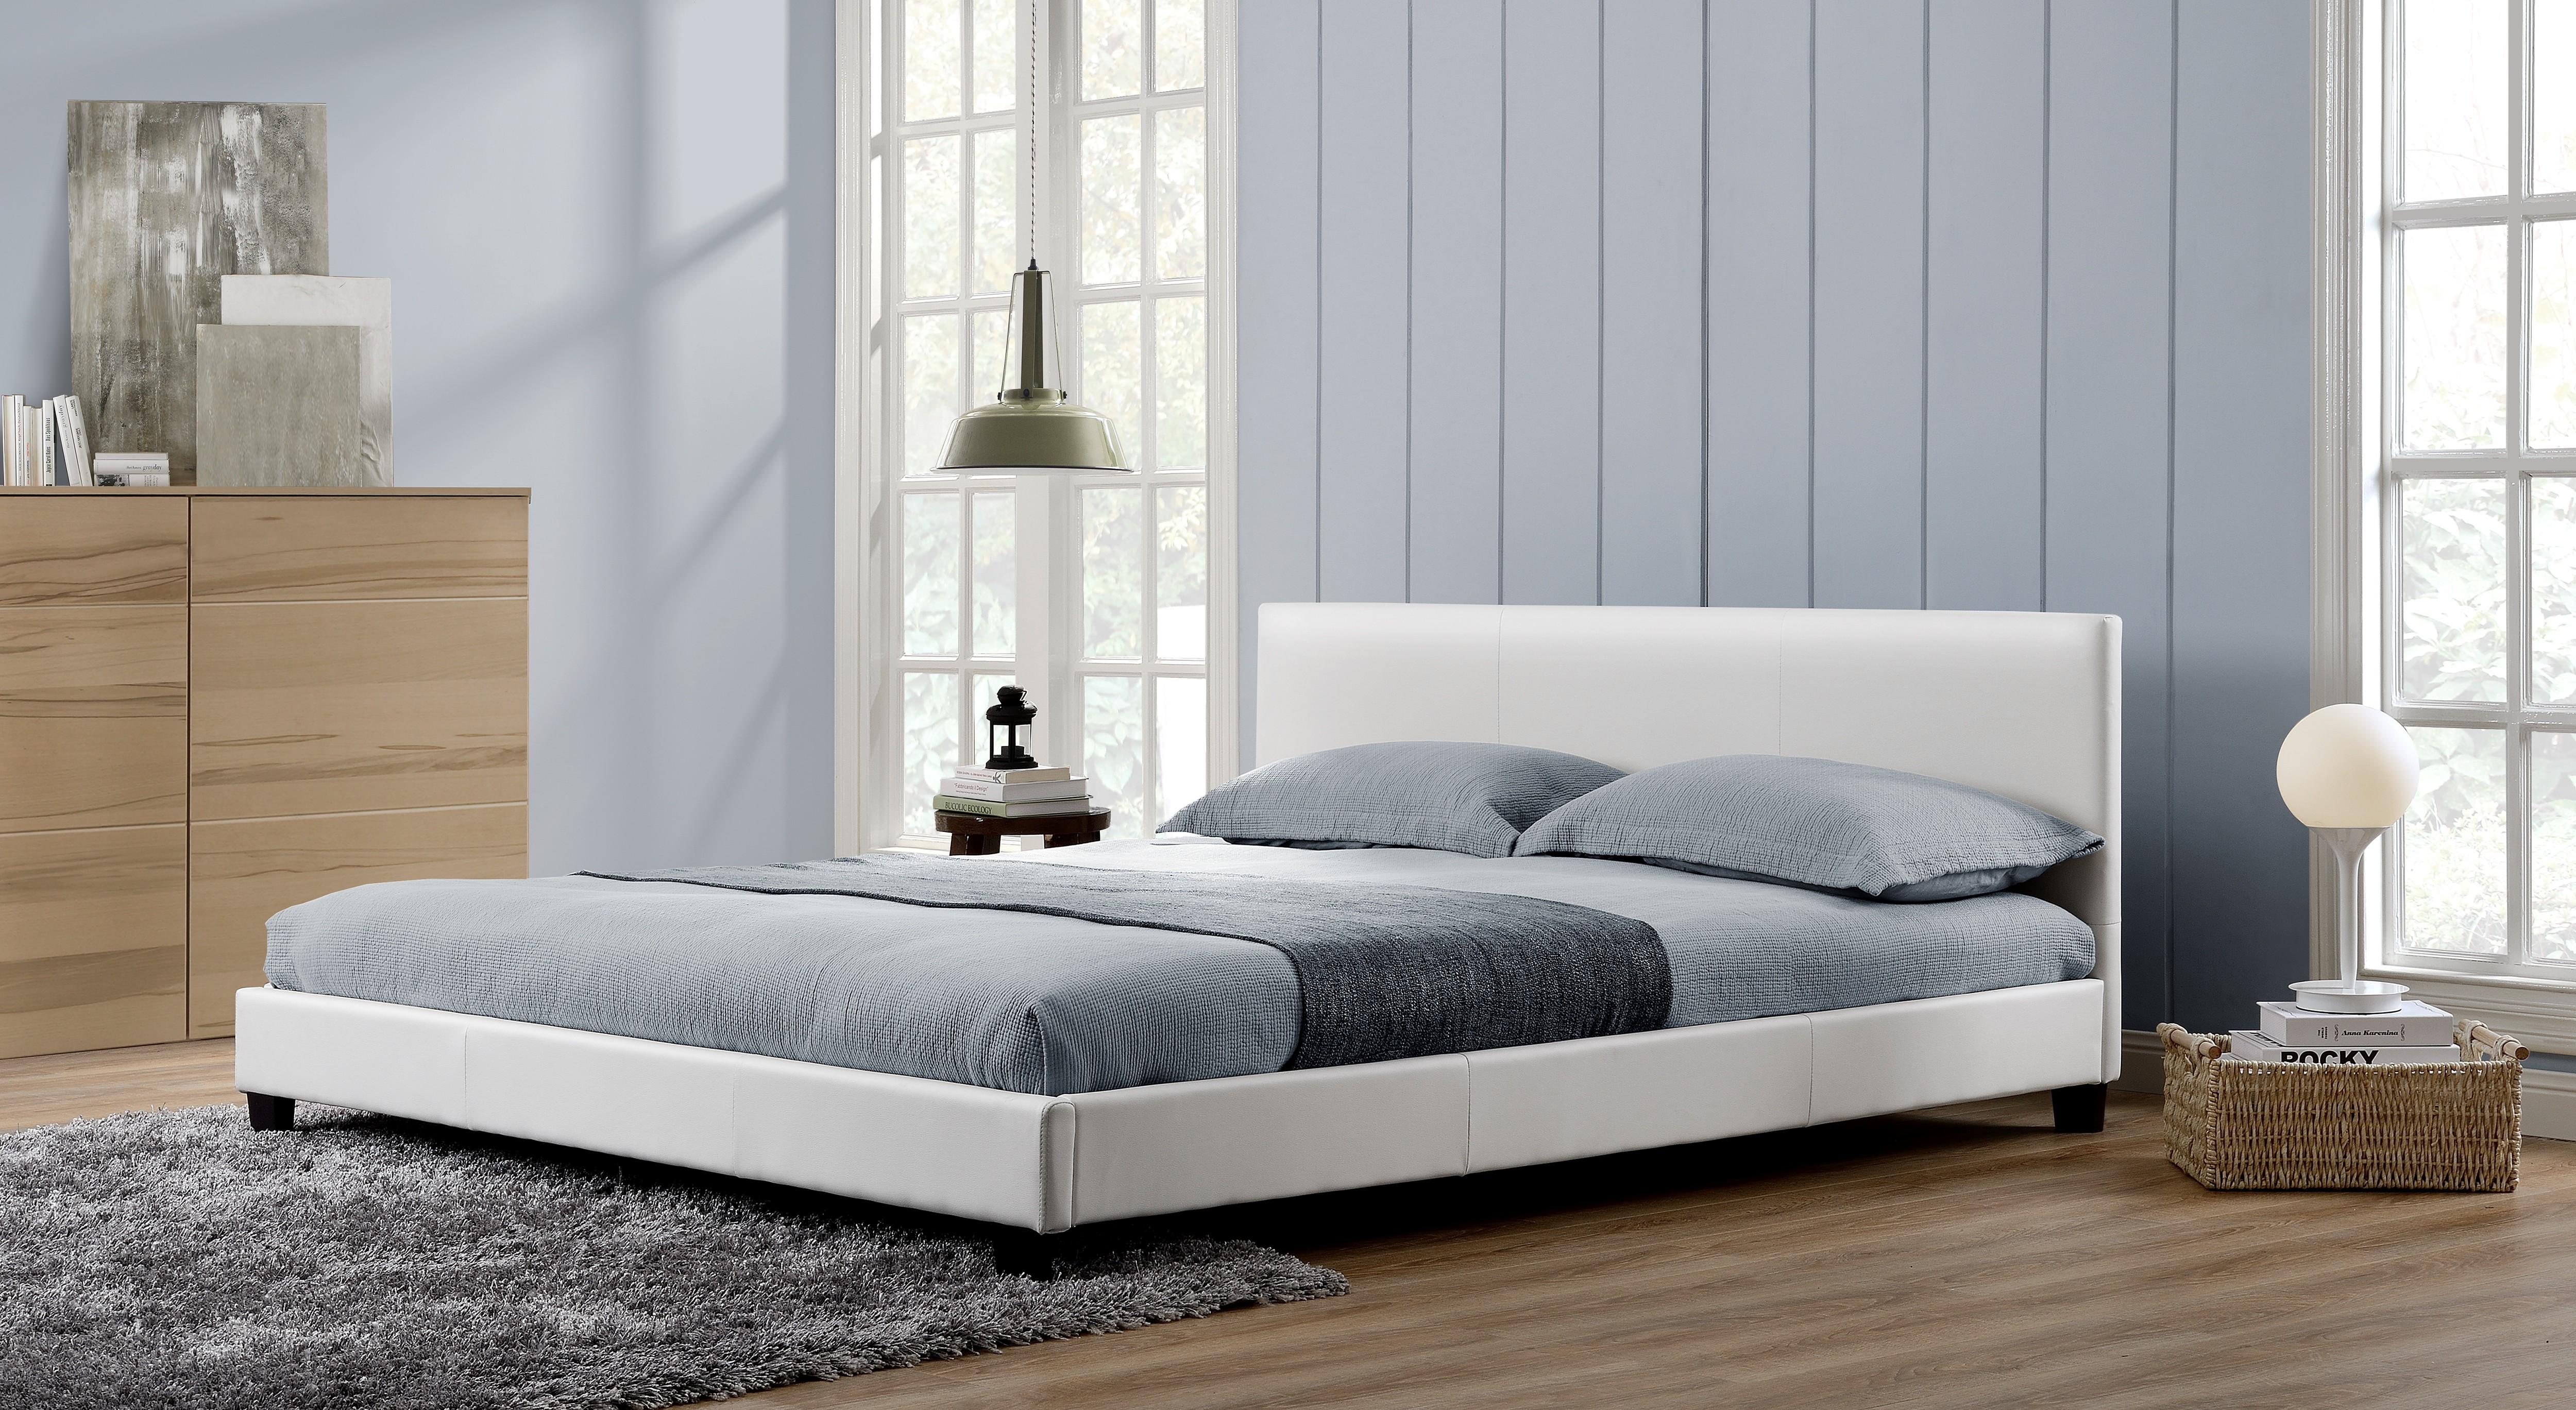 Lit Oxford 160x200 cm - Cadre de lit en simili / Noir